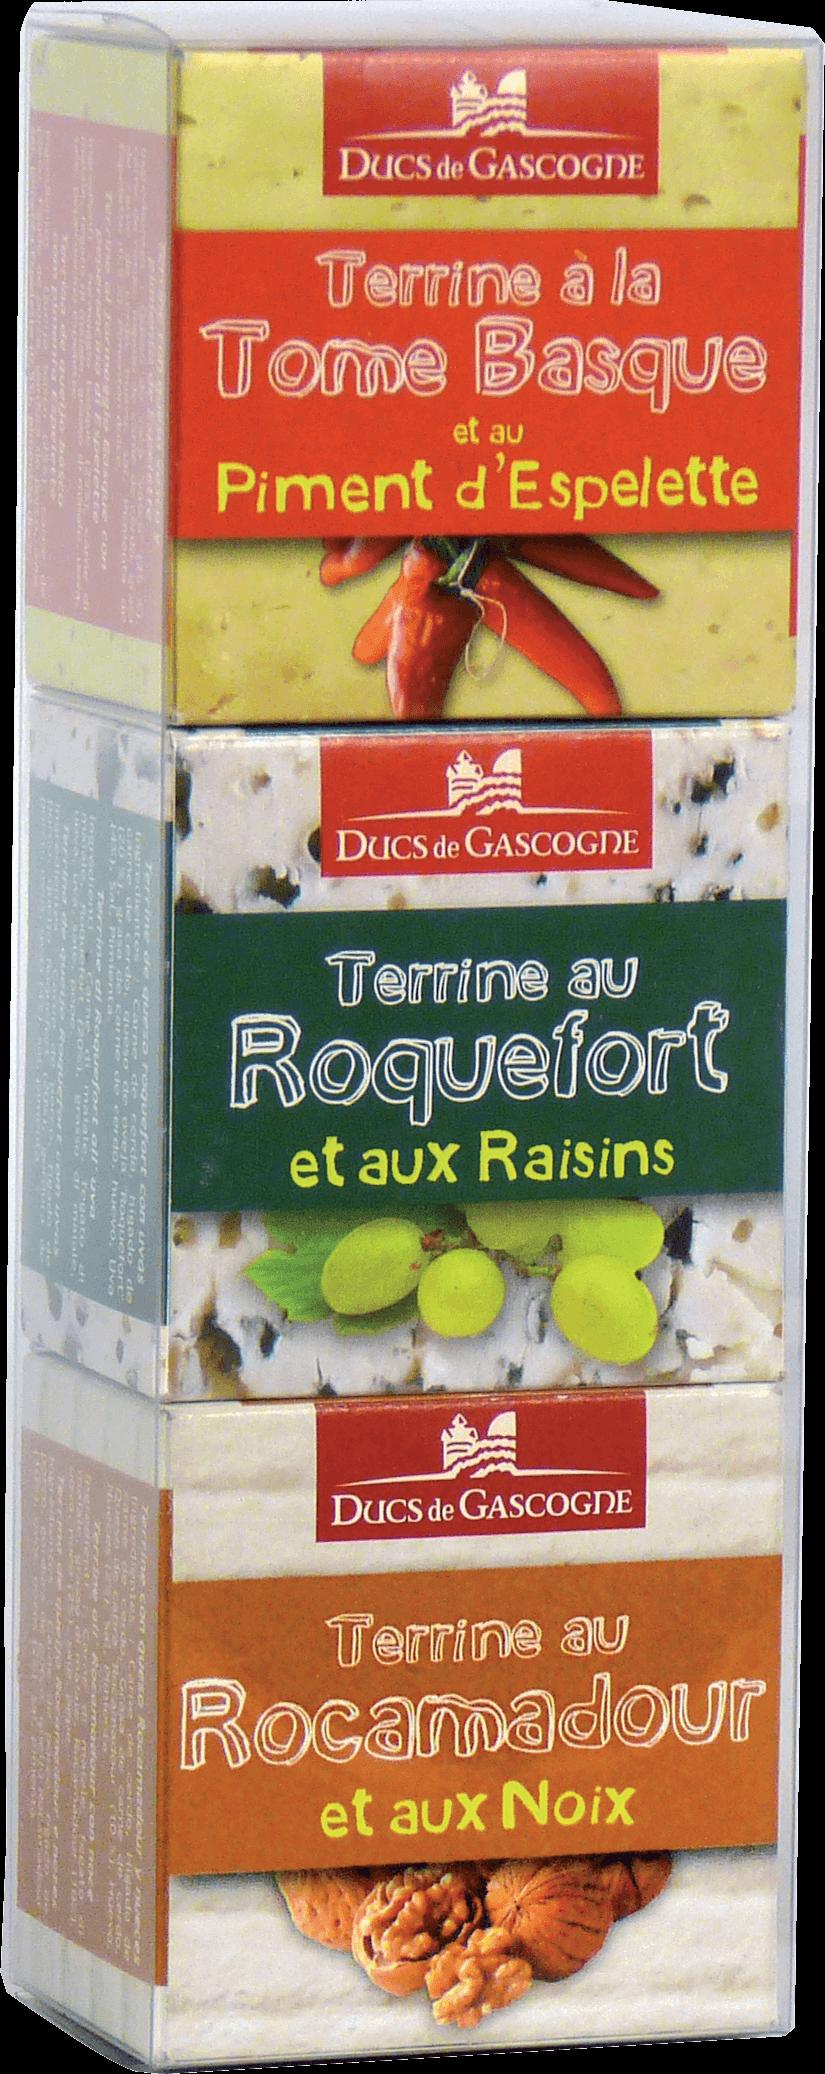 Petits carrés aux amandes pur beurre